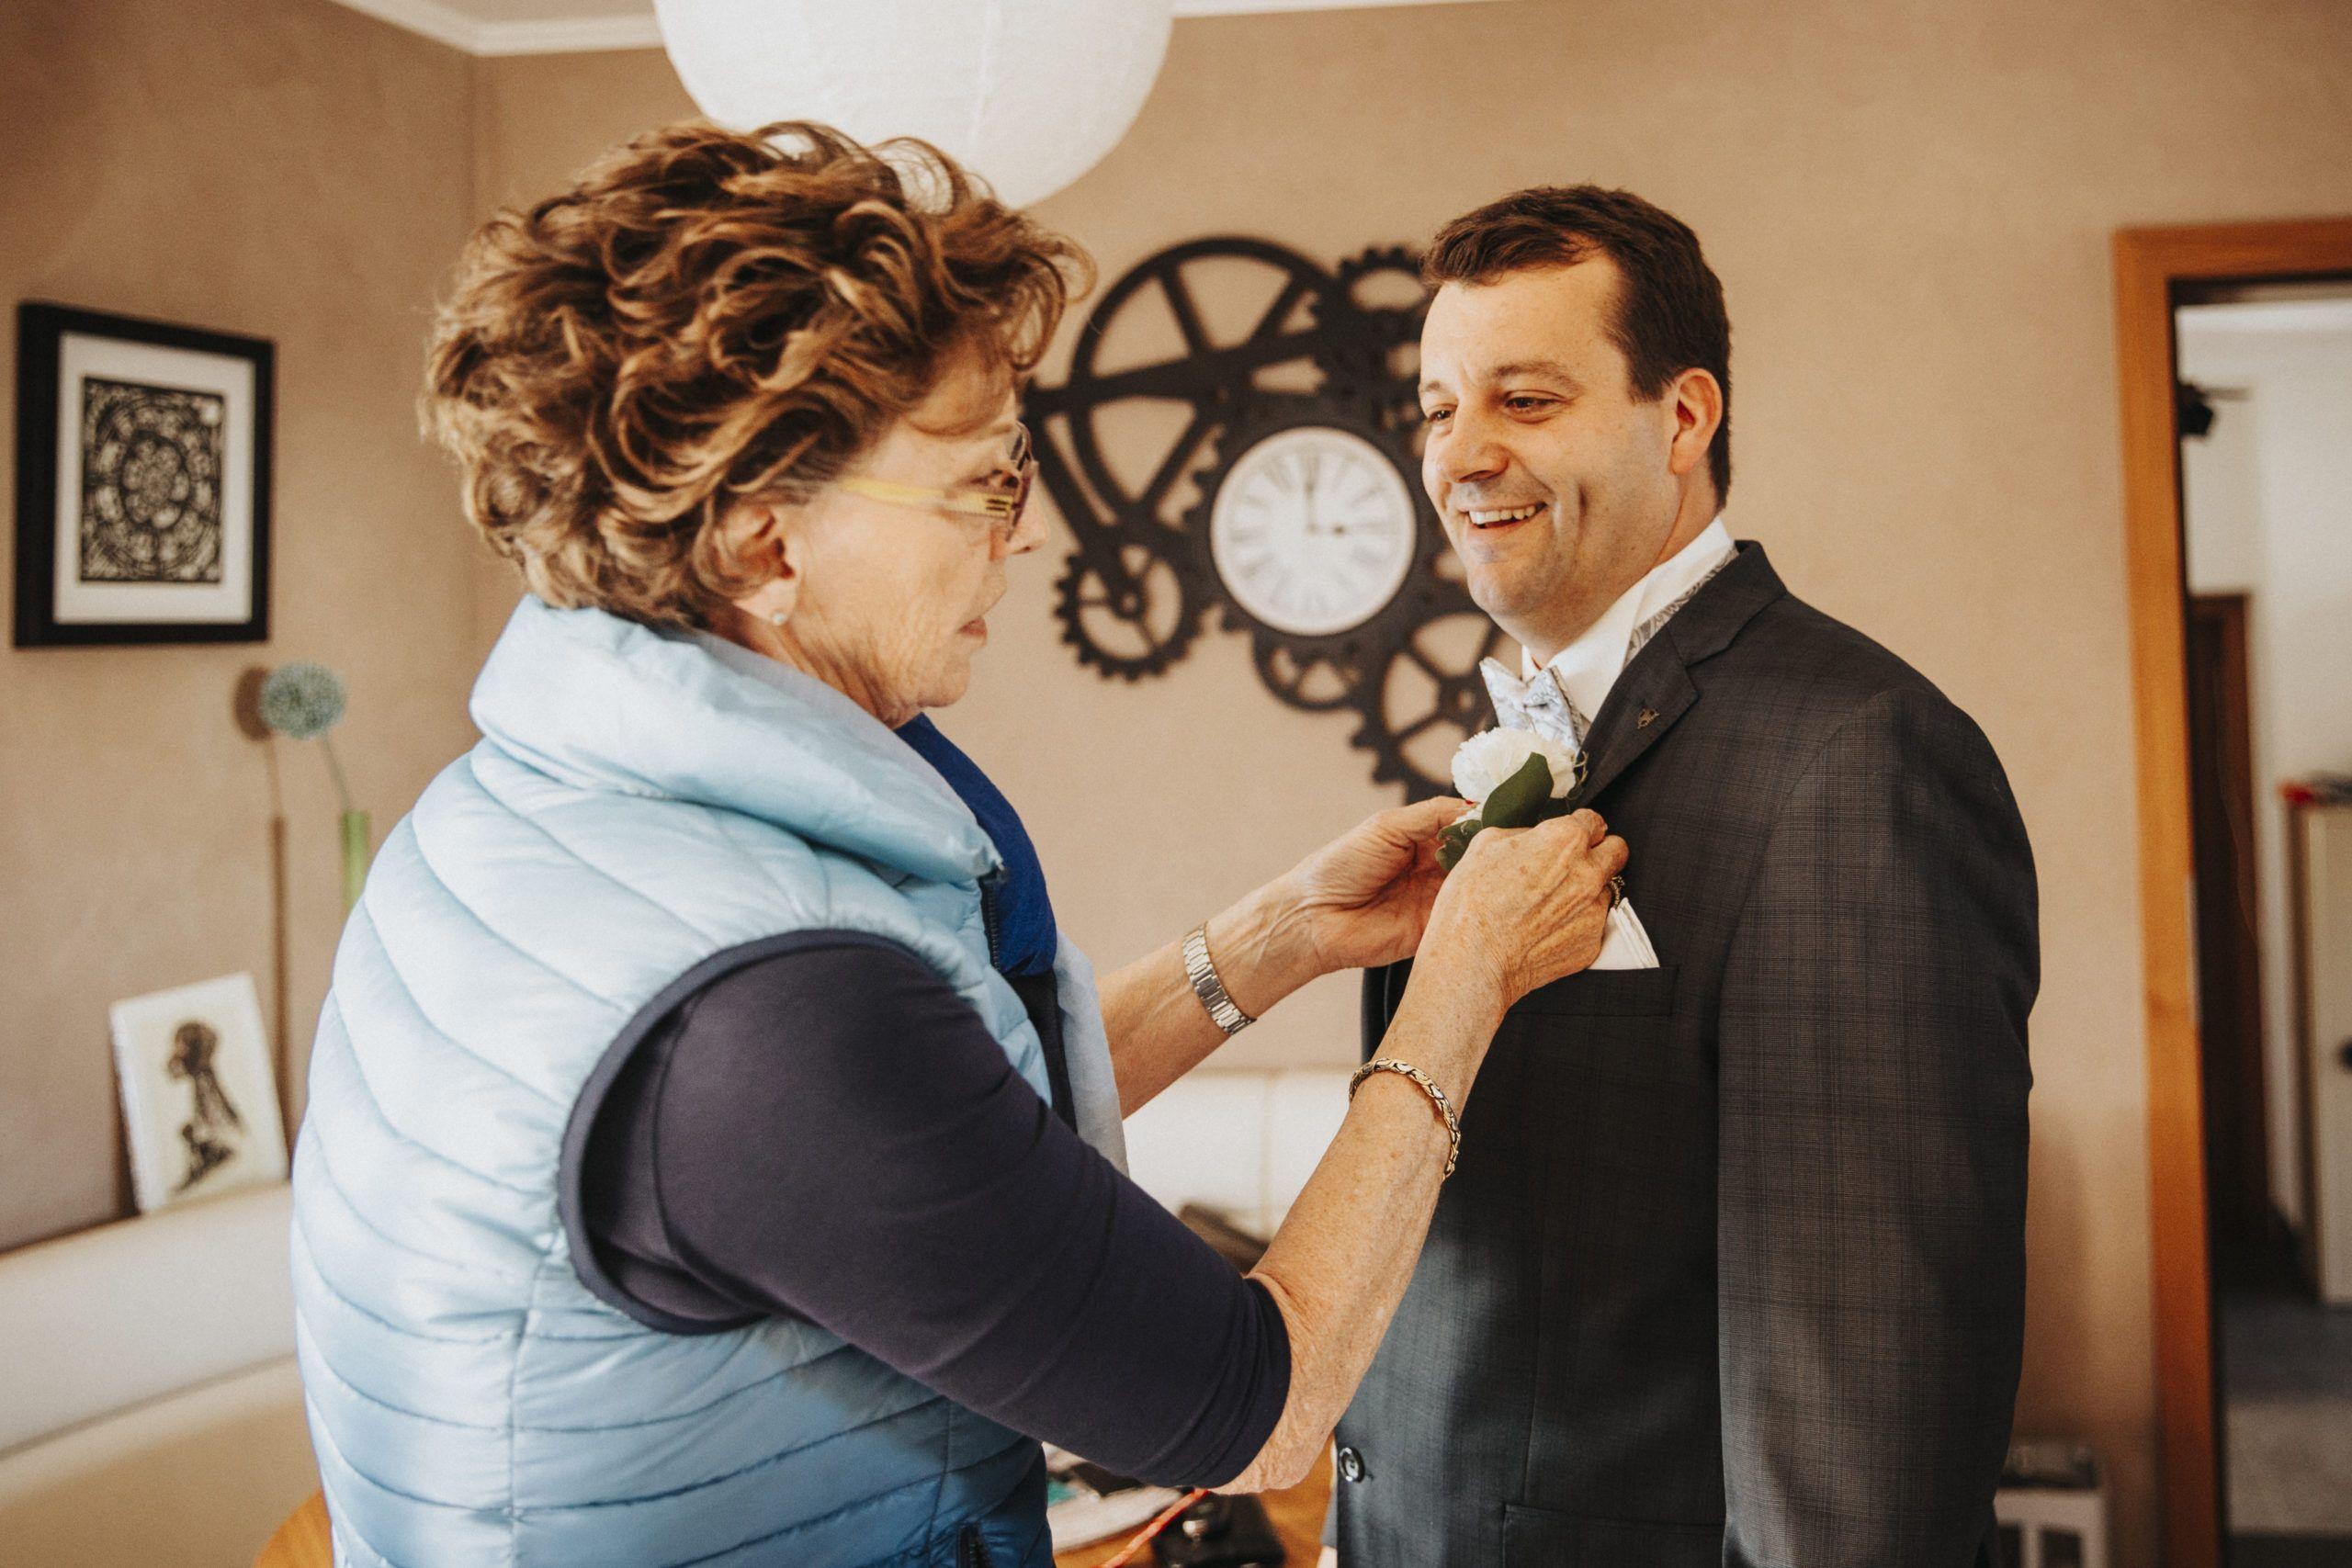 Hochzeit Heiraten Hotel Bel Air Echternach Hochzeitsfotograf Trier Bitburg Hochzeitsfotograf Standesamtliche Trauung Und Hochzeitsfotografie